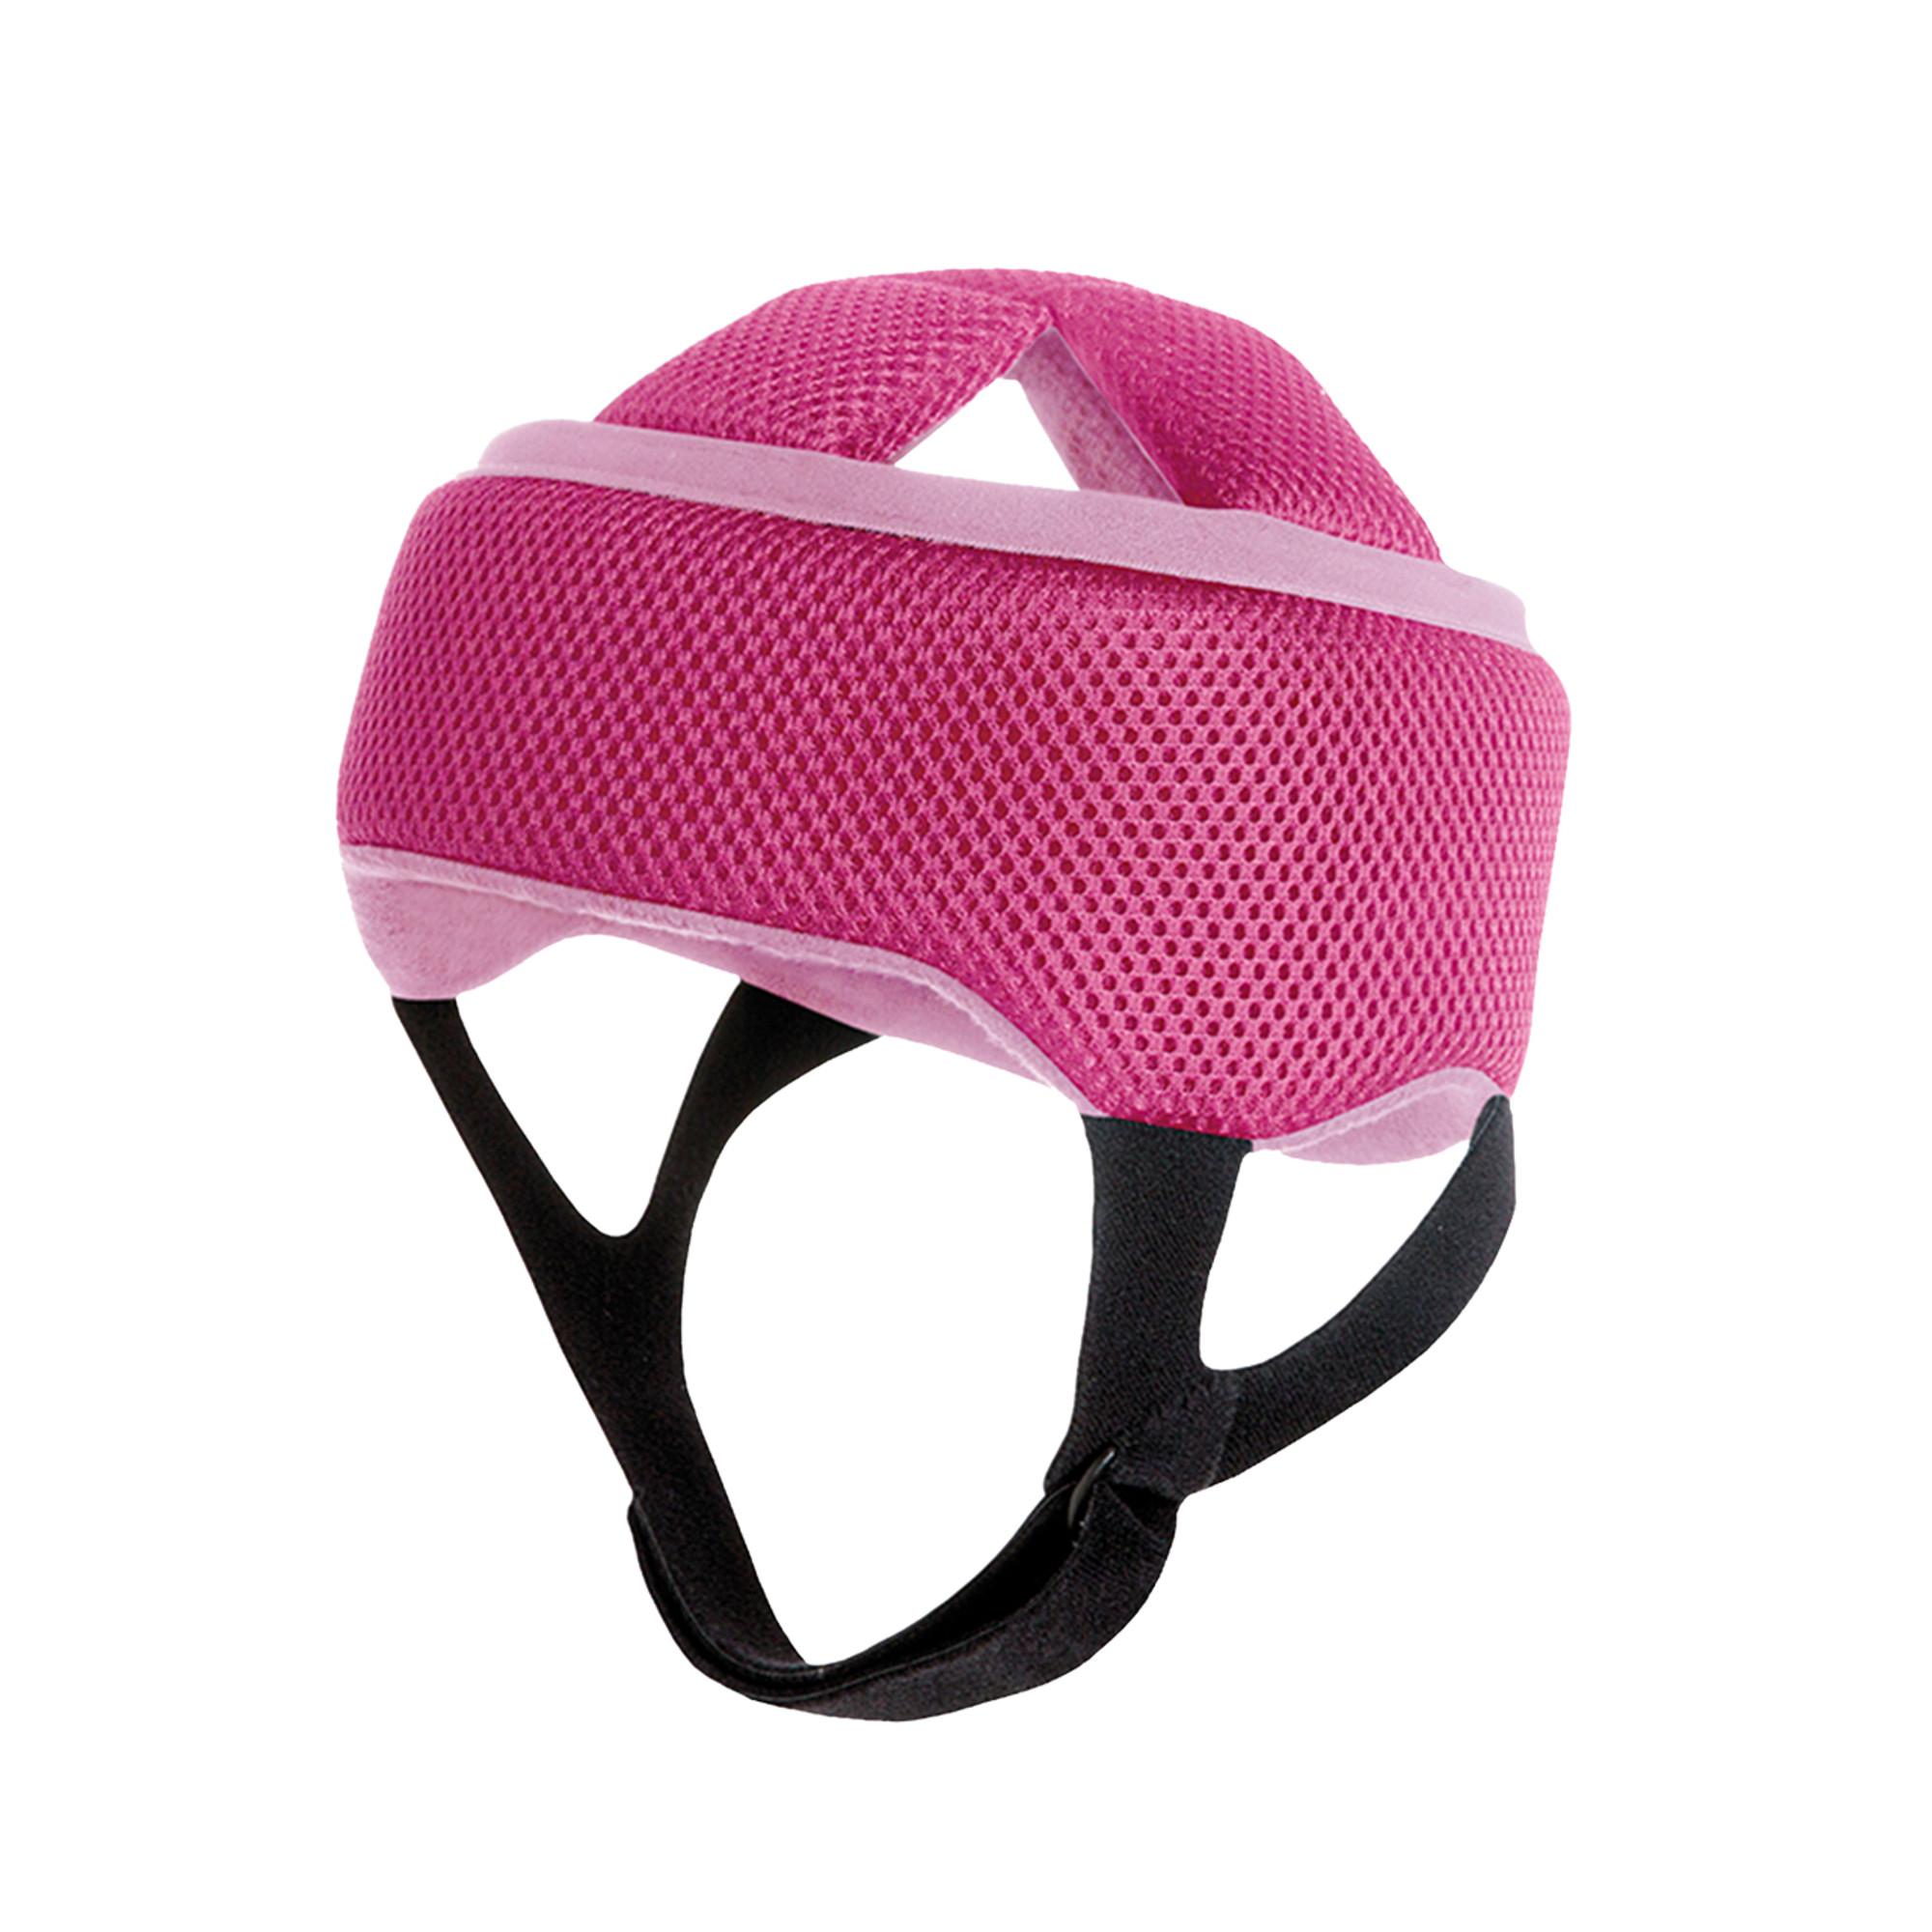 ... Capacete Proteção Craniana - Rosa ... ee8c6161b9